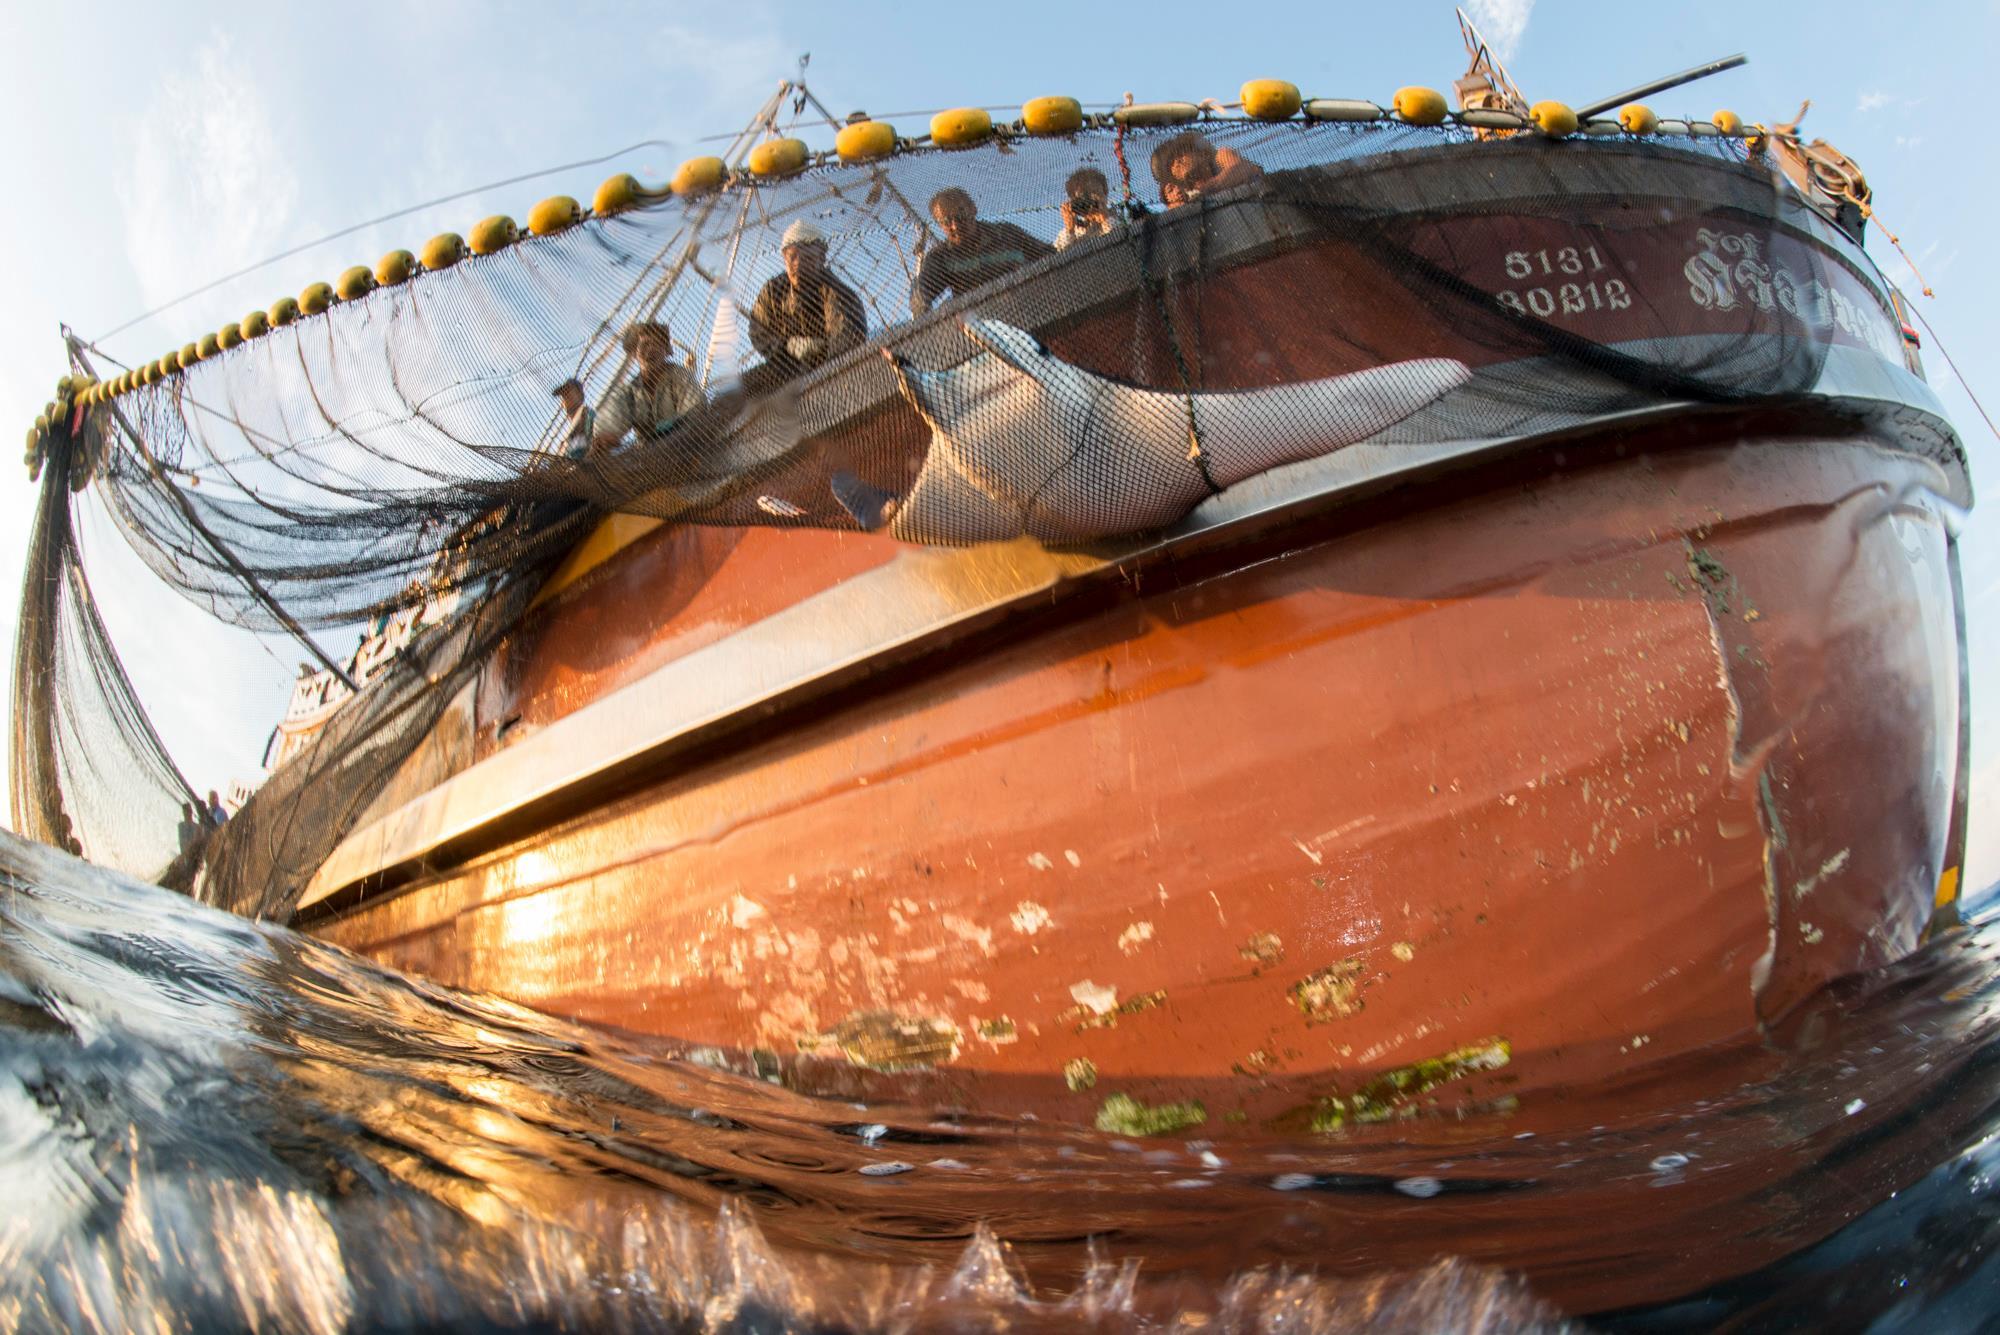 ่เรือประมง, อวน, ปลากระเบนติดอวน, ปลากระเบนปีศาจหางหนาม, ปลากระเบน